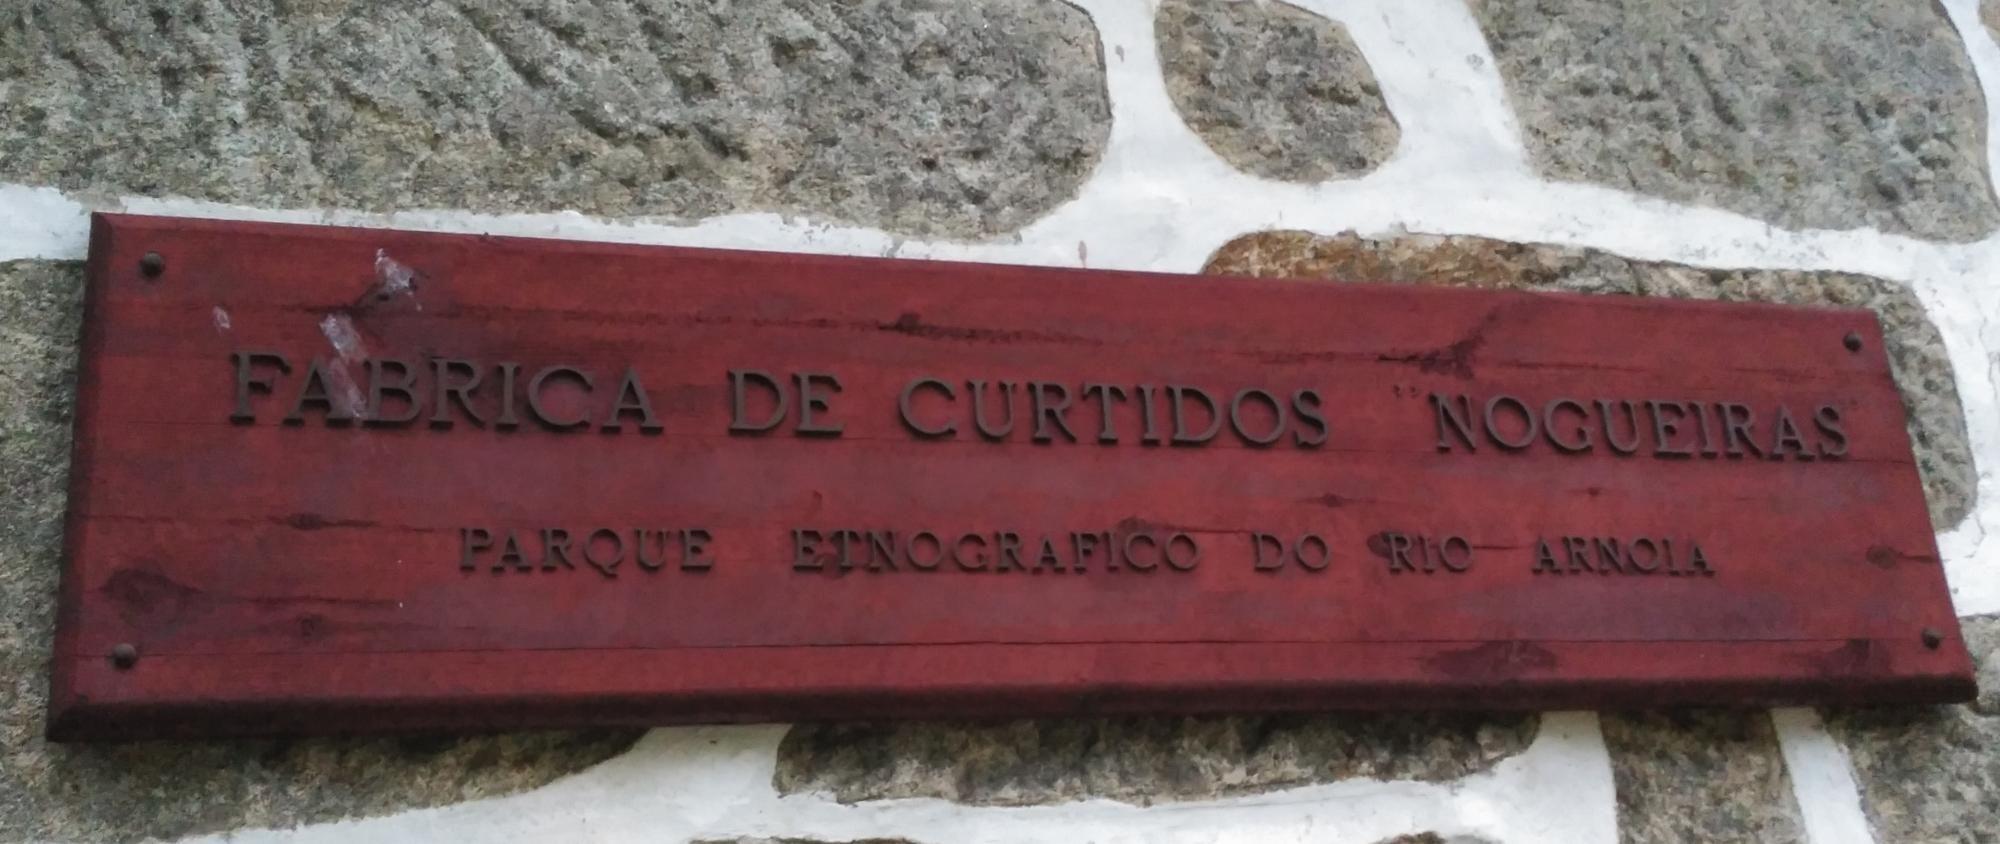 Portovello: ubicado en la antigua Fábrica de Curtidos de Allariz